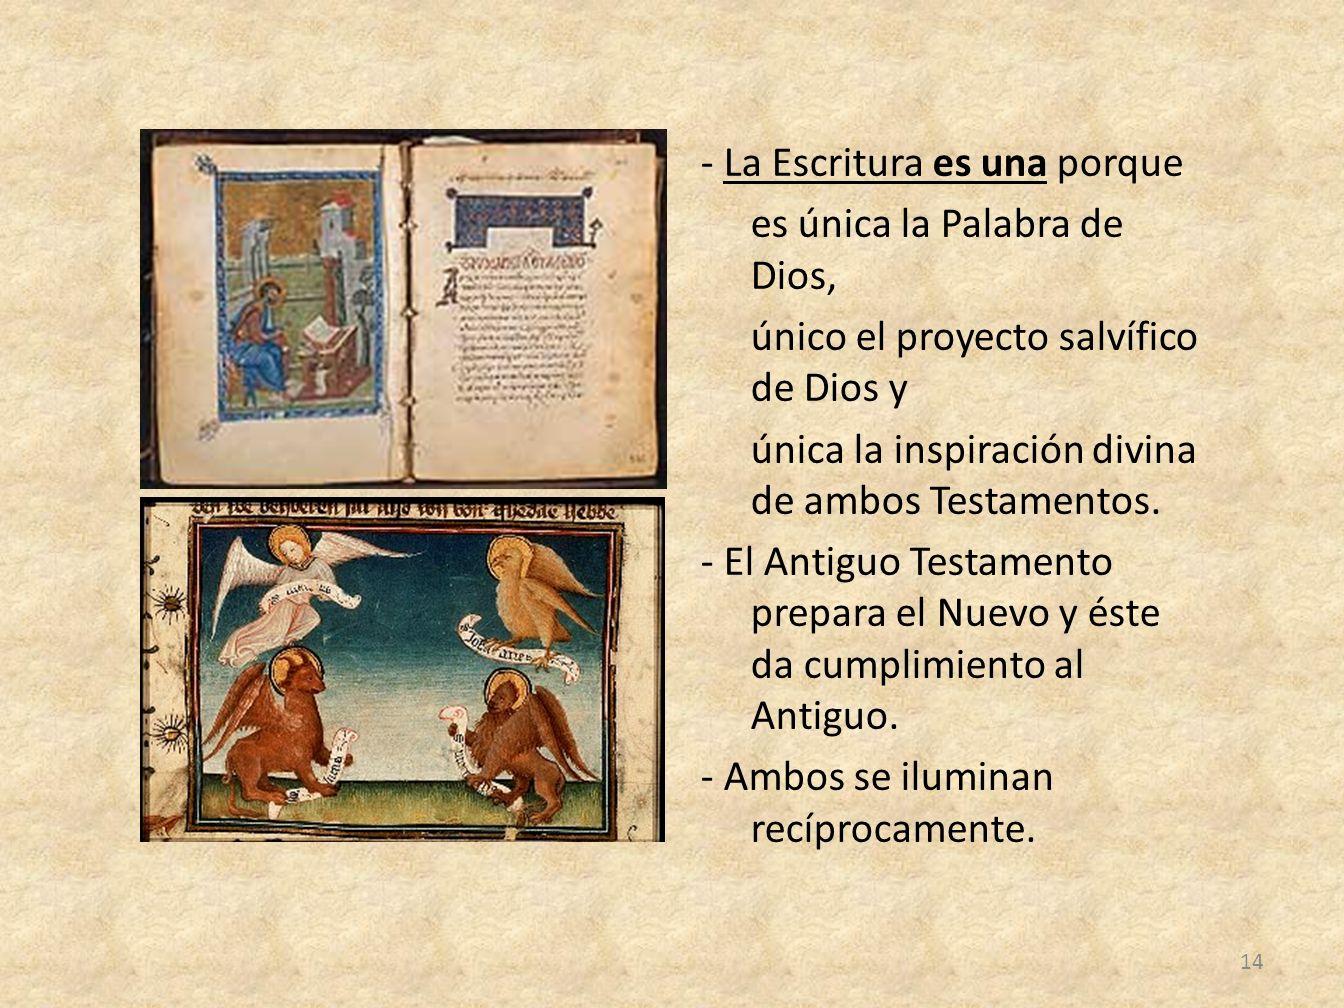 - La Escritura es una porque es única la Palabra de Dios, único el proyecto salvífico de Dios y única la inspiración divina de ambos Testamentos.